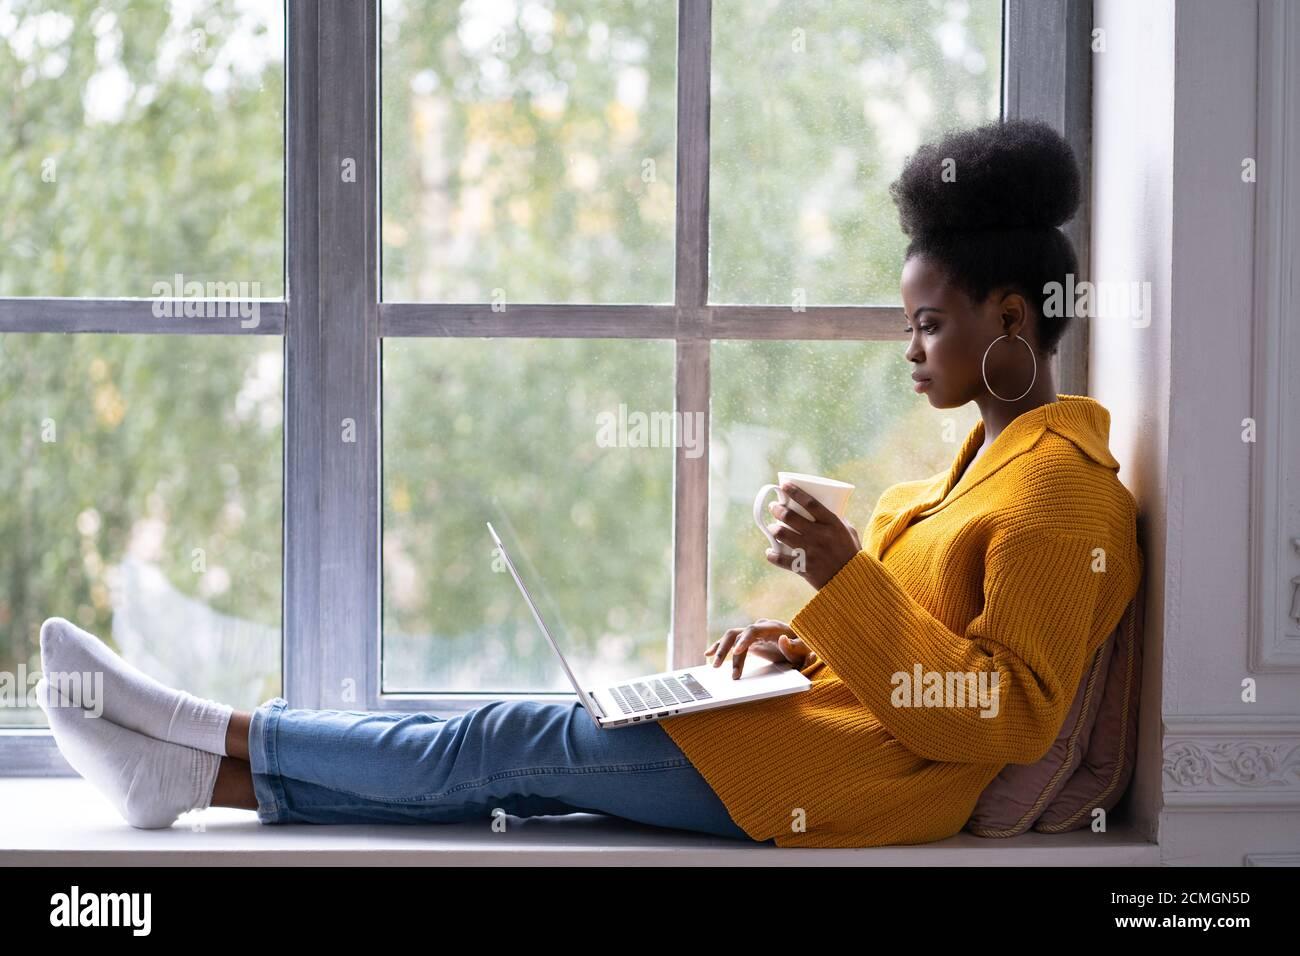 Fokussierte afroamerikanische Studentin mit Afro-Frisur tragen gelbe Strickjacke, sitzen auf Fensterbank, arbeiten Remote-Job auf Laptop, Vorbereitung Stockfoto